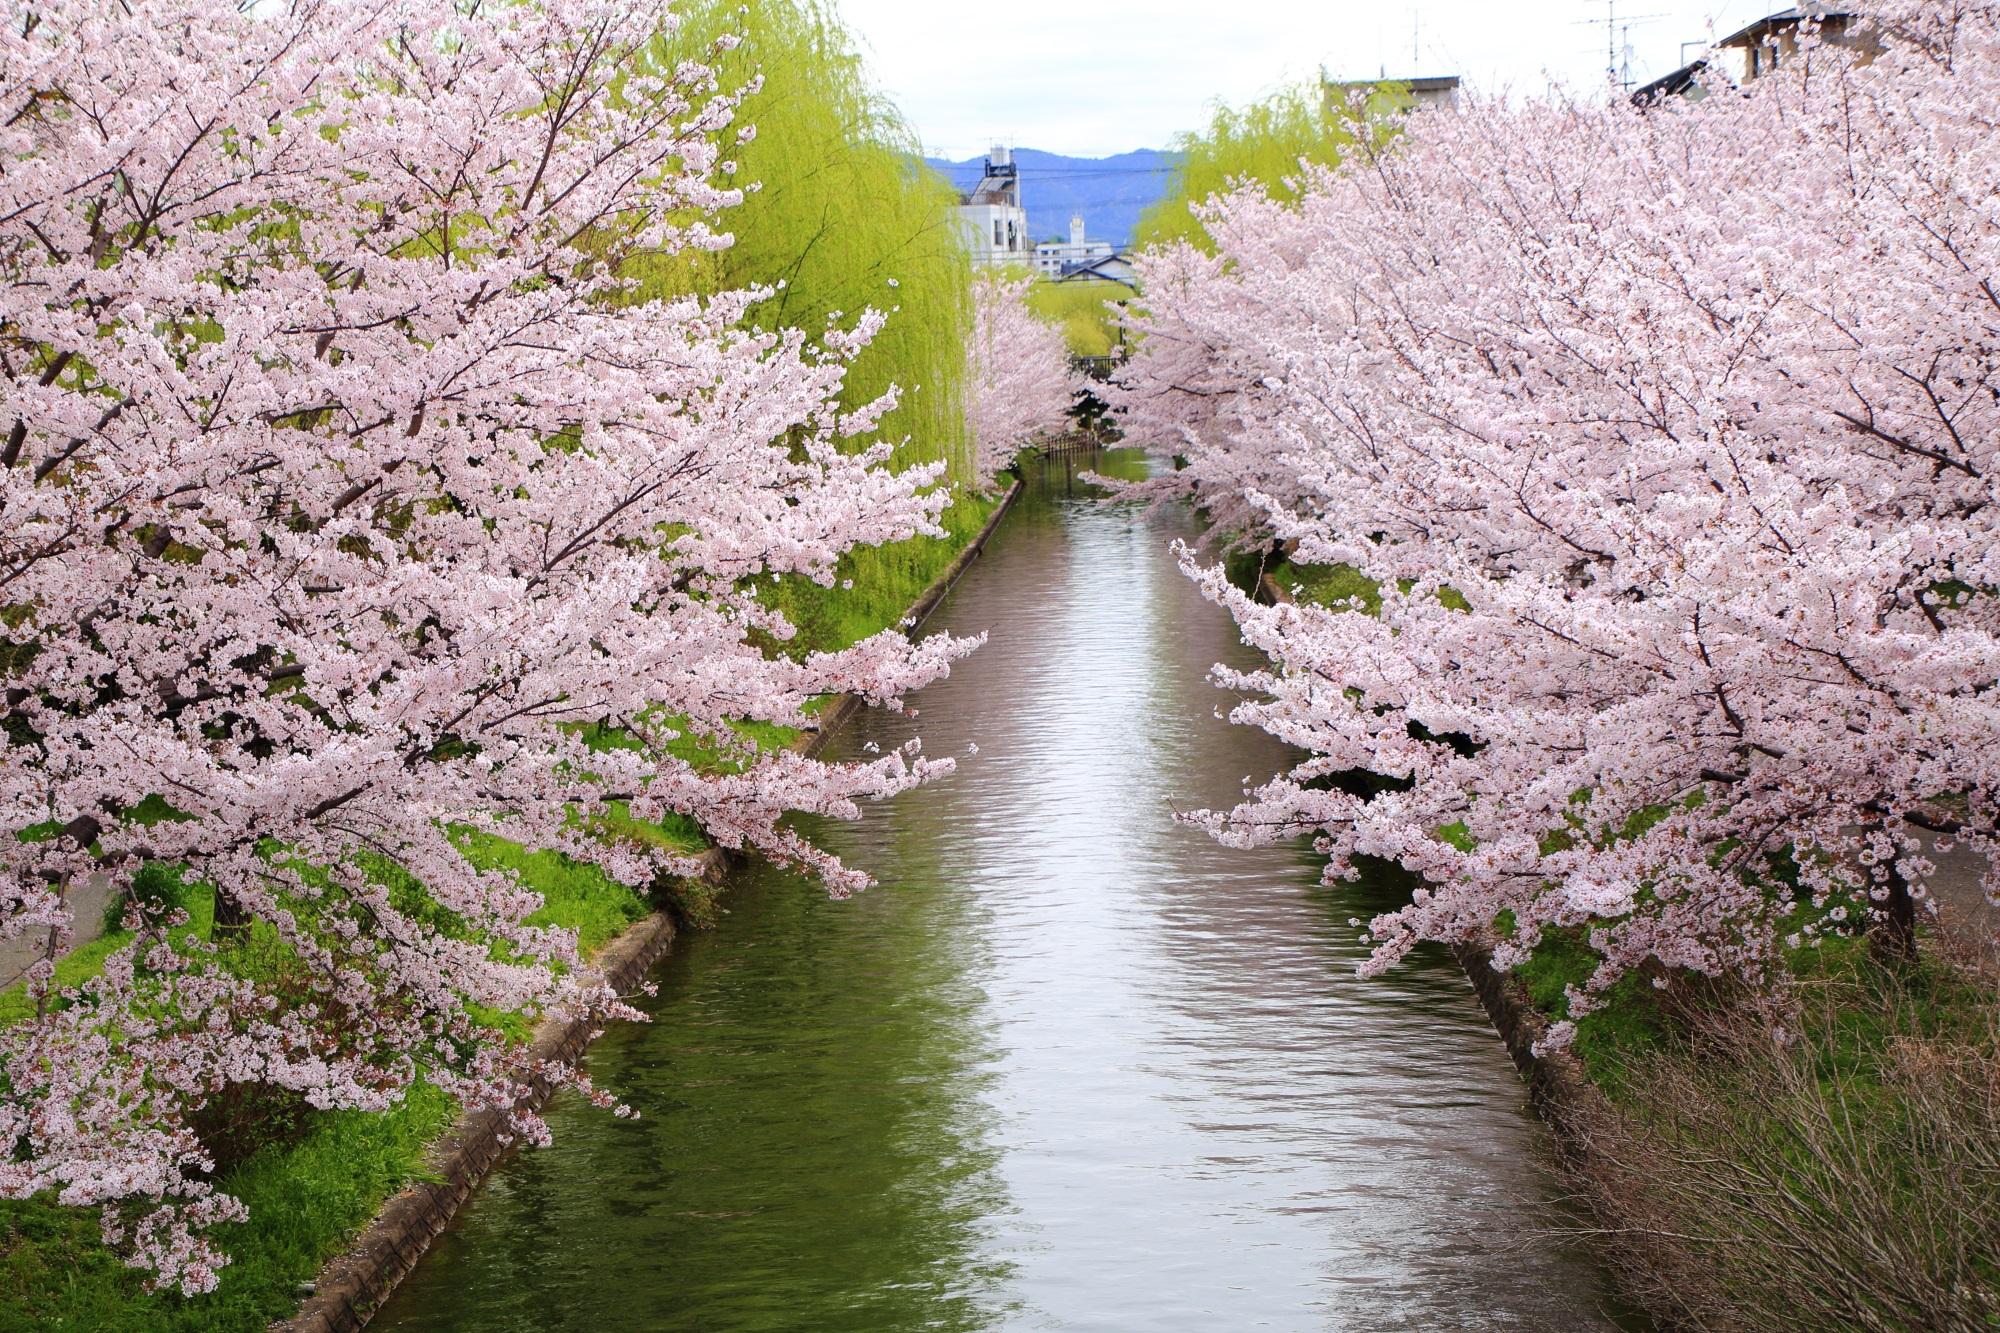 宇治川派流の素晴らしい桜と春の情景